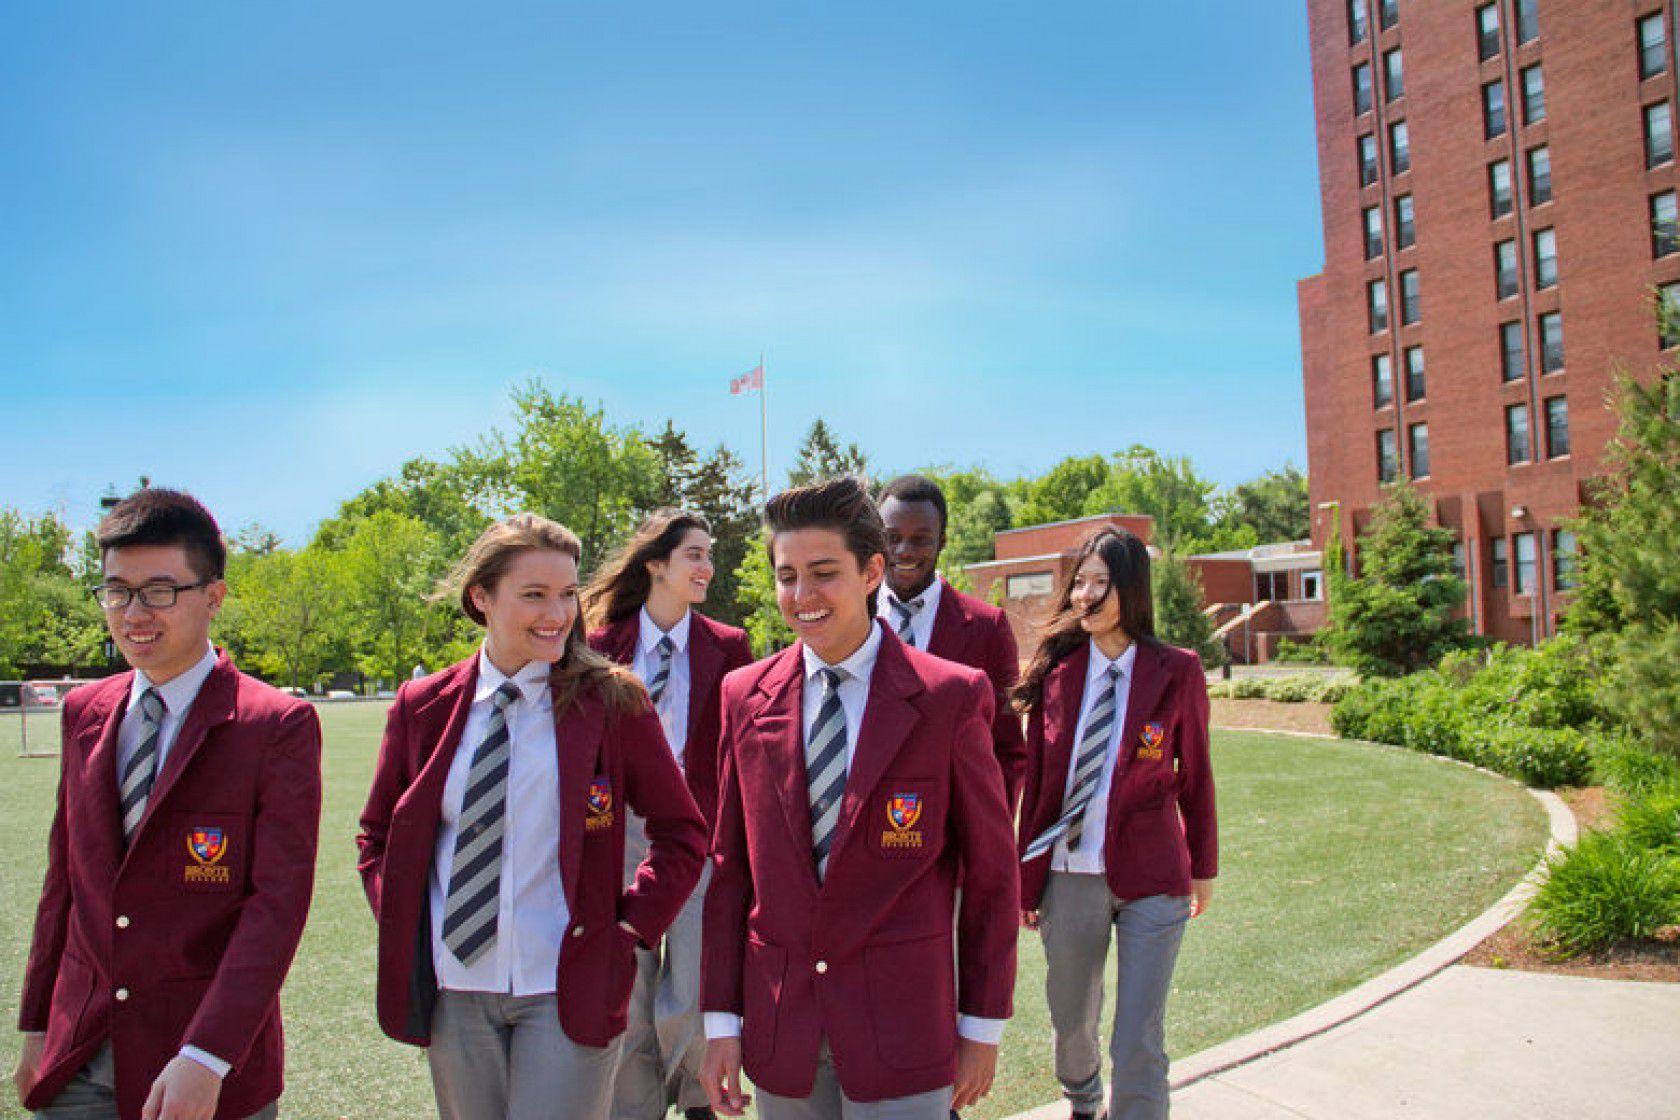 Kanada Lise Eğitim Ücretleri